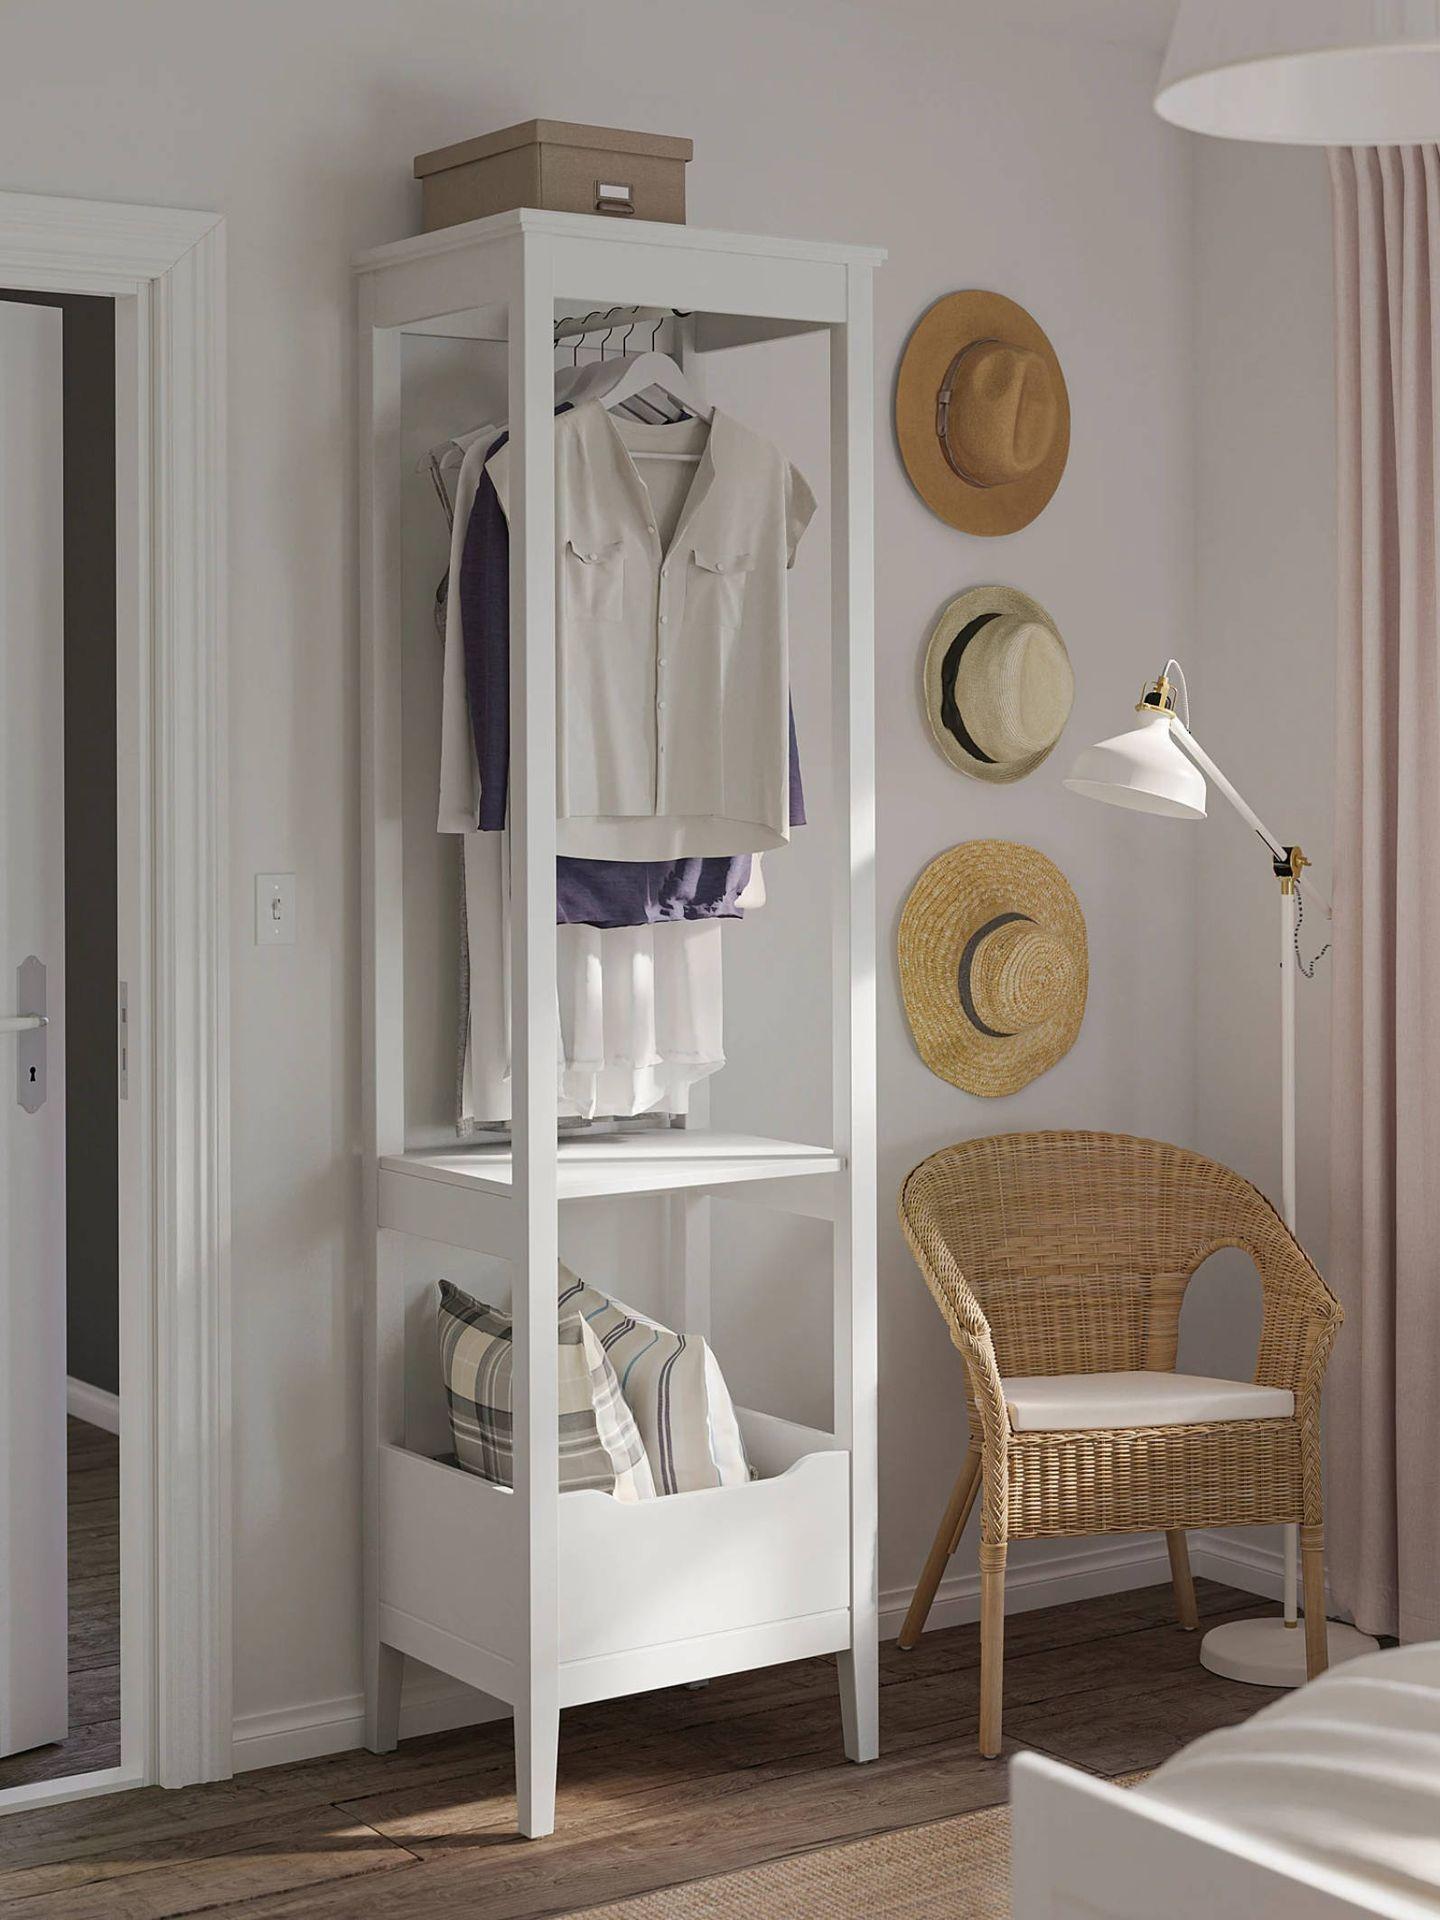 Disfruta de una casa ordenada con el método FlyLady. (Cortesía Ikea)